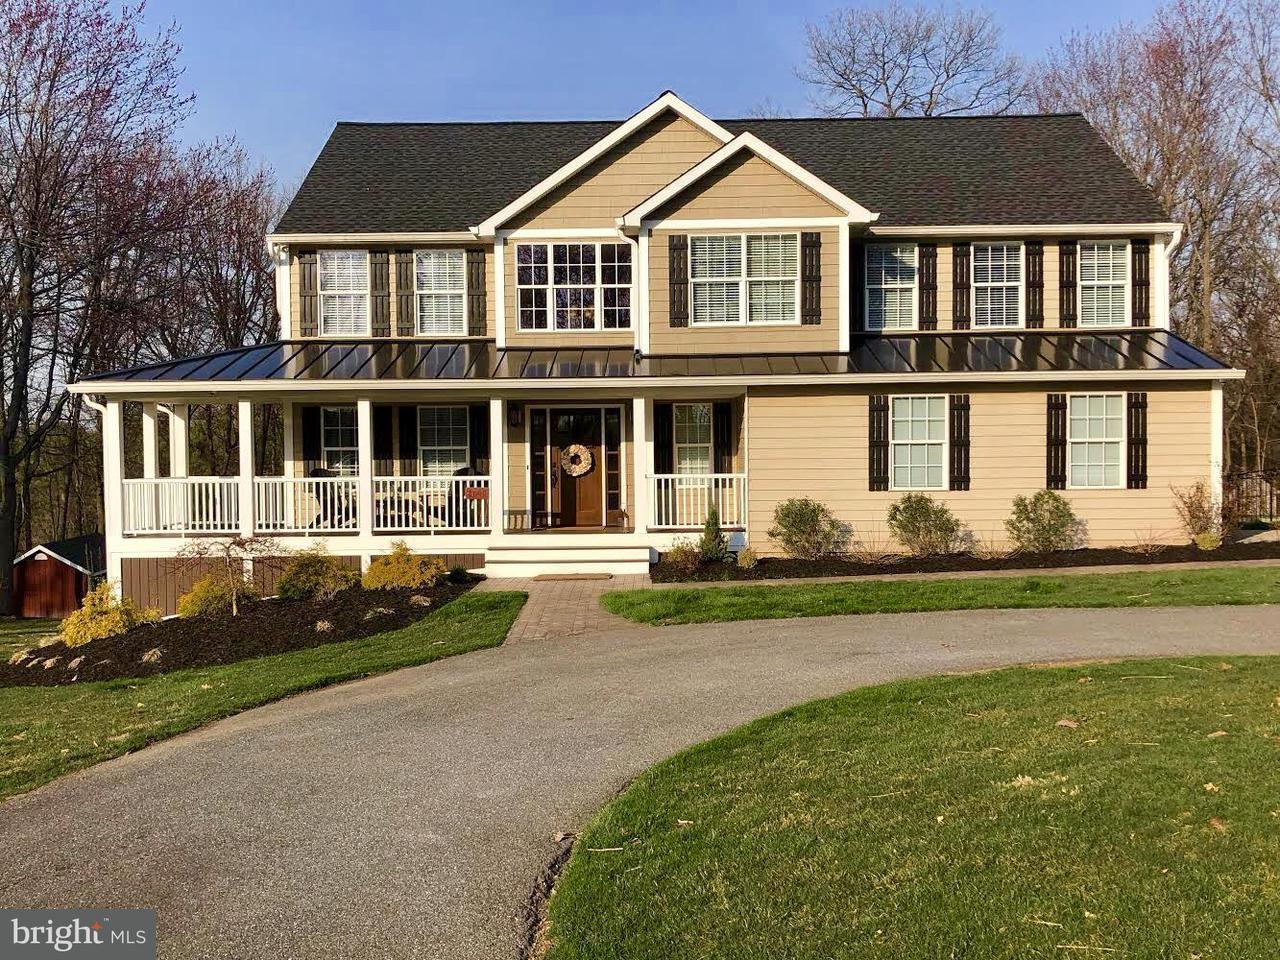 Casa Unifamiliar por un Venta en 4699 Egg Hill Drive 4699 Egg Hill Drive Manchester, Maryland 21102 Estados Unidos